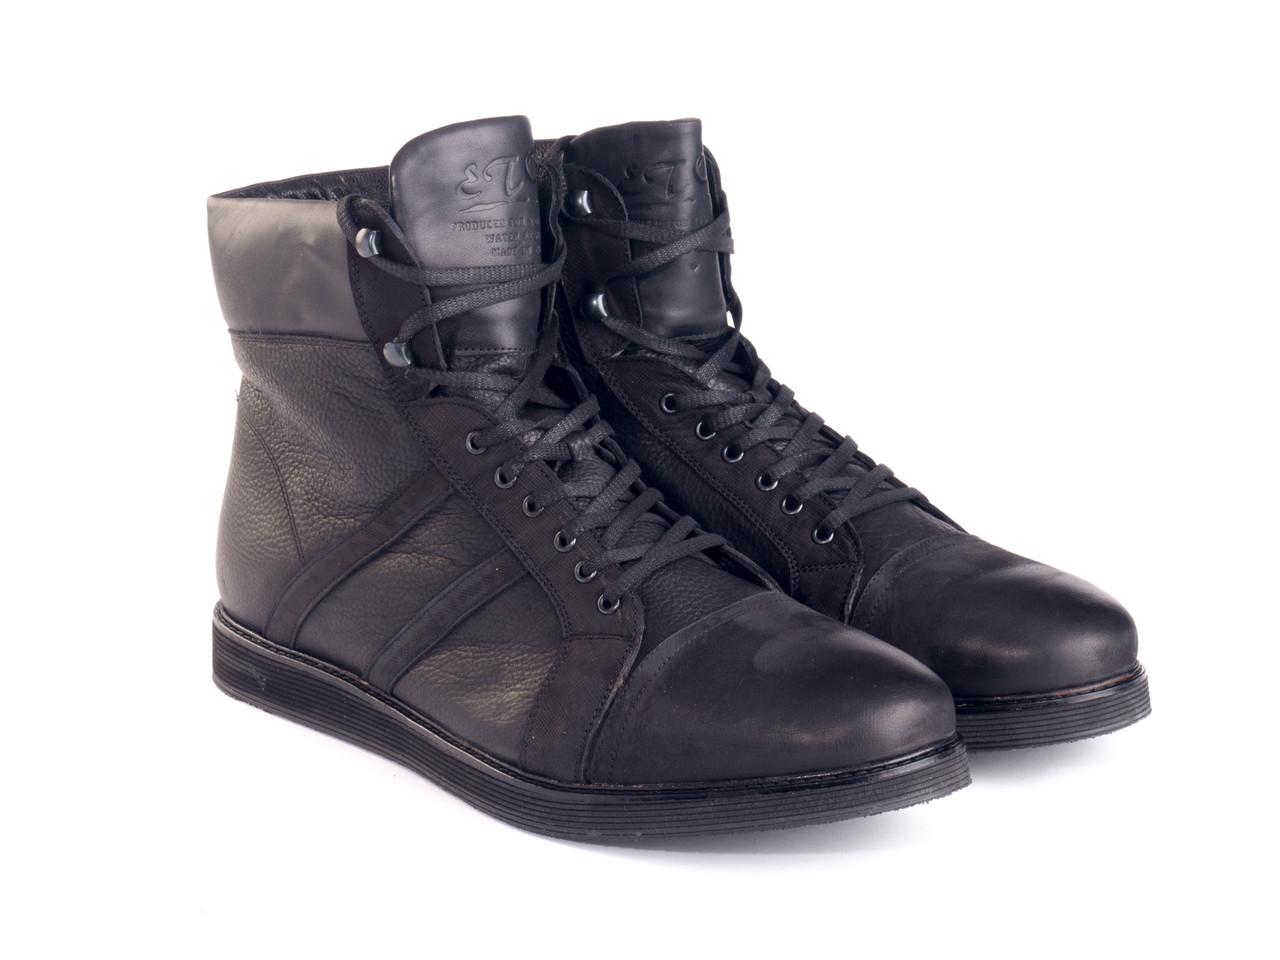 Ботинки Etor 8503-08-847-01-013 черные